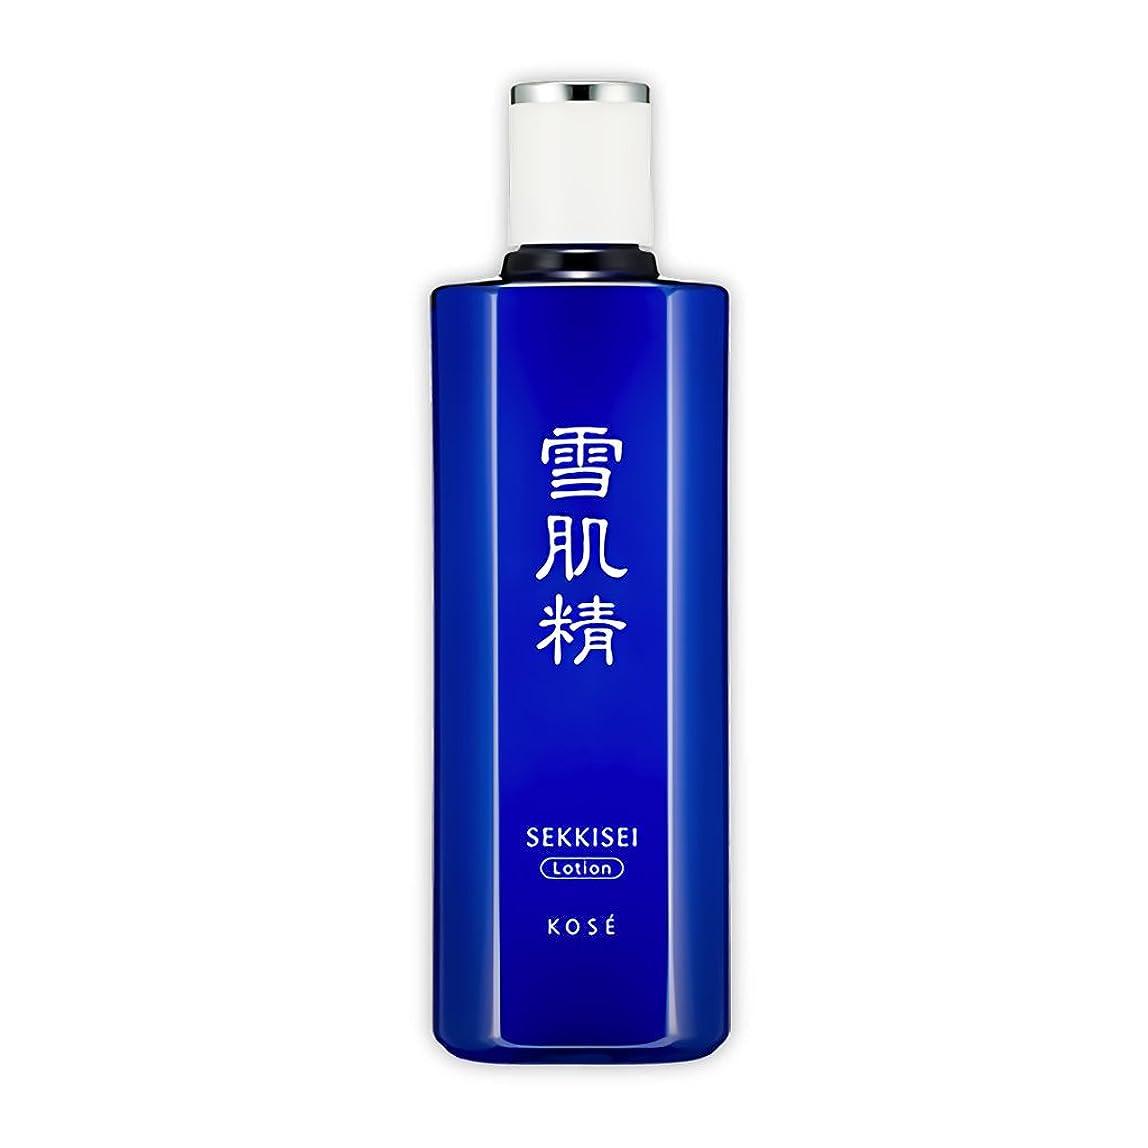 シーズン流暢ビルマコーセー 薬用 雪肌精 360ml 化粧水 アウトレット